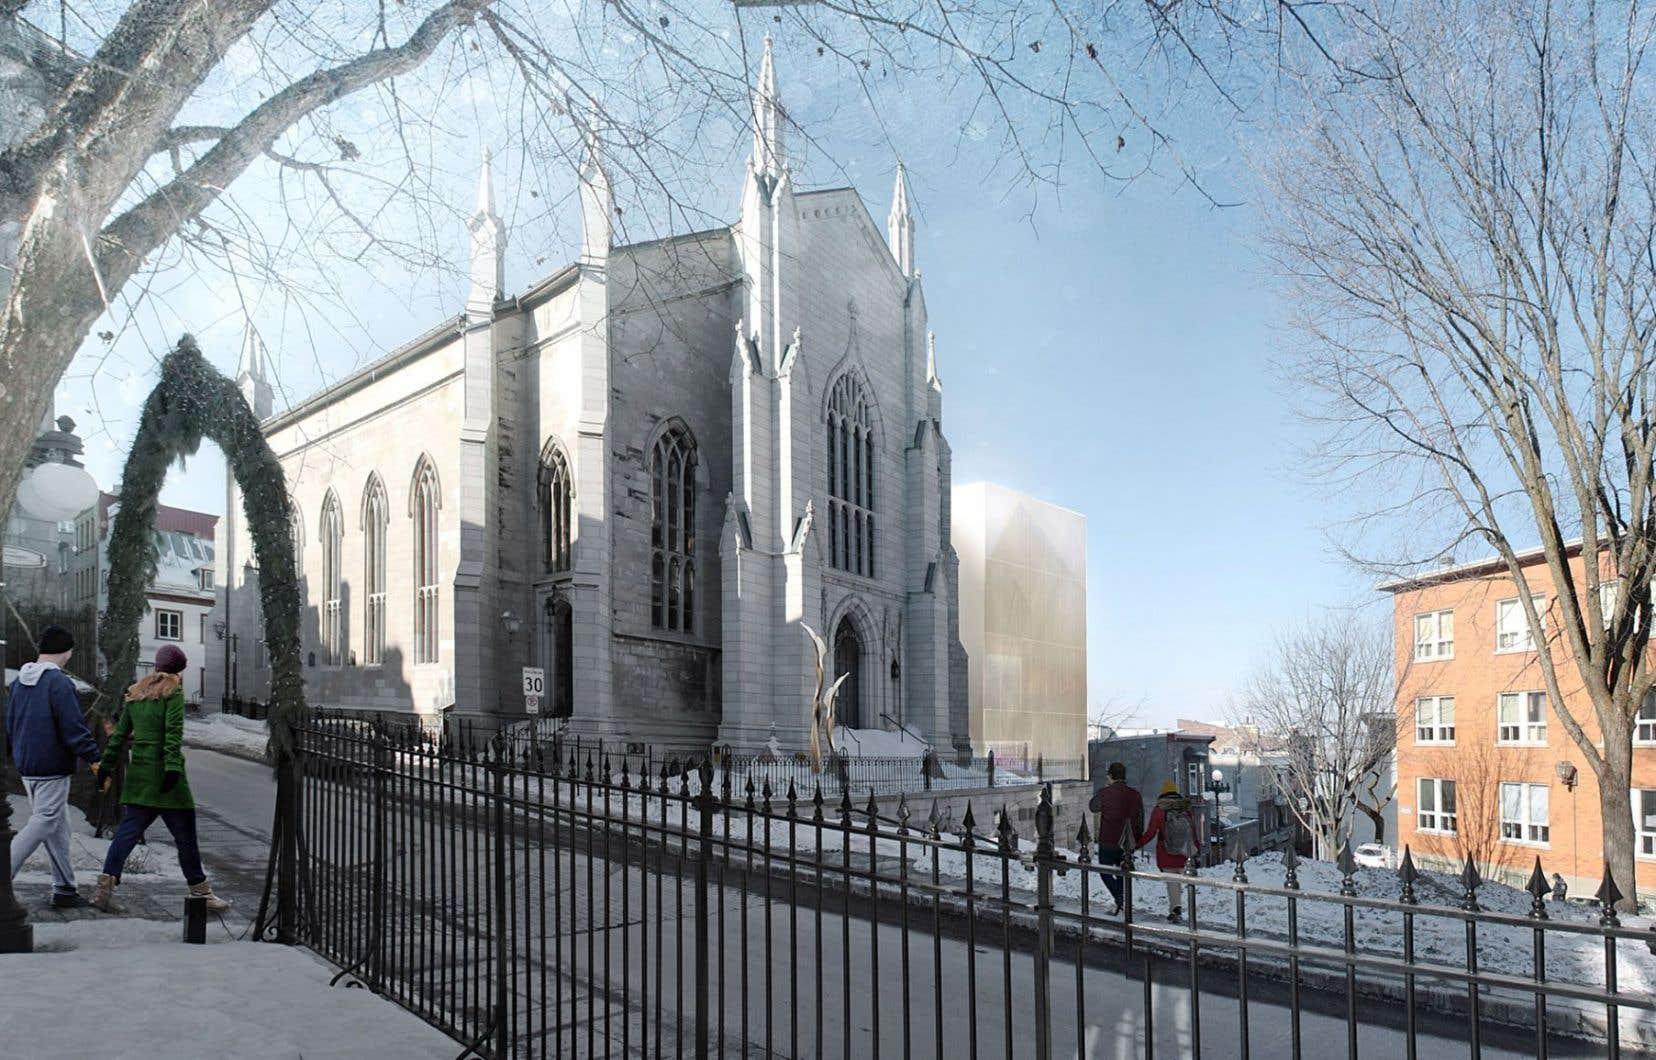 «Même s'ils ont perdu leur fonction d'origine, la plupart de nos édifices patrimoniaux offrent un formidable potentiel de conversion», écrit l'auteur, citant en exemple la Maison de la littérature à Québec.